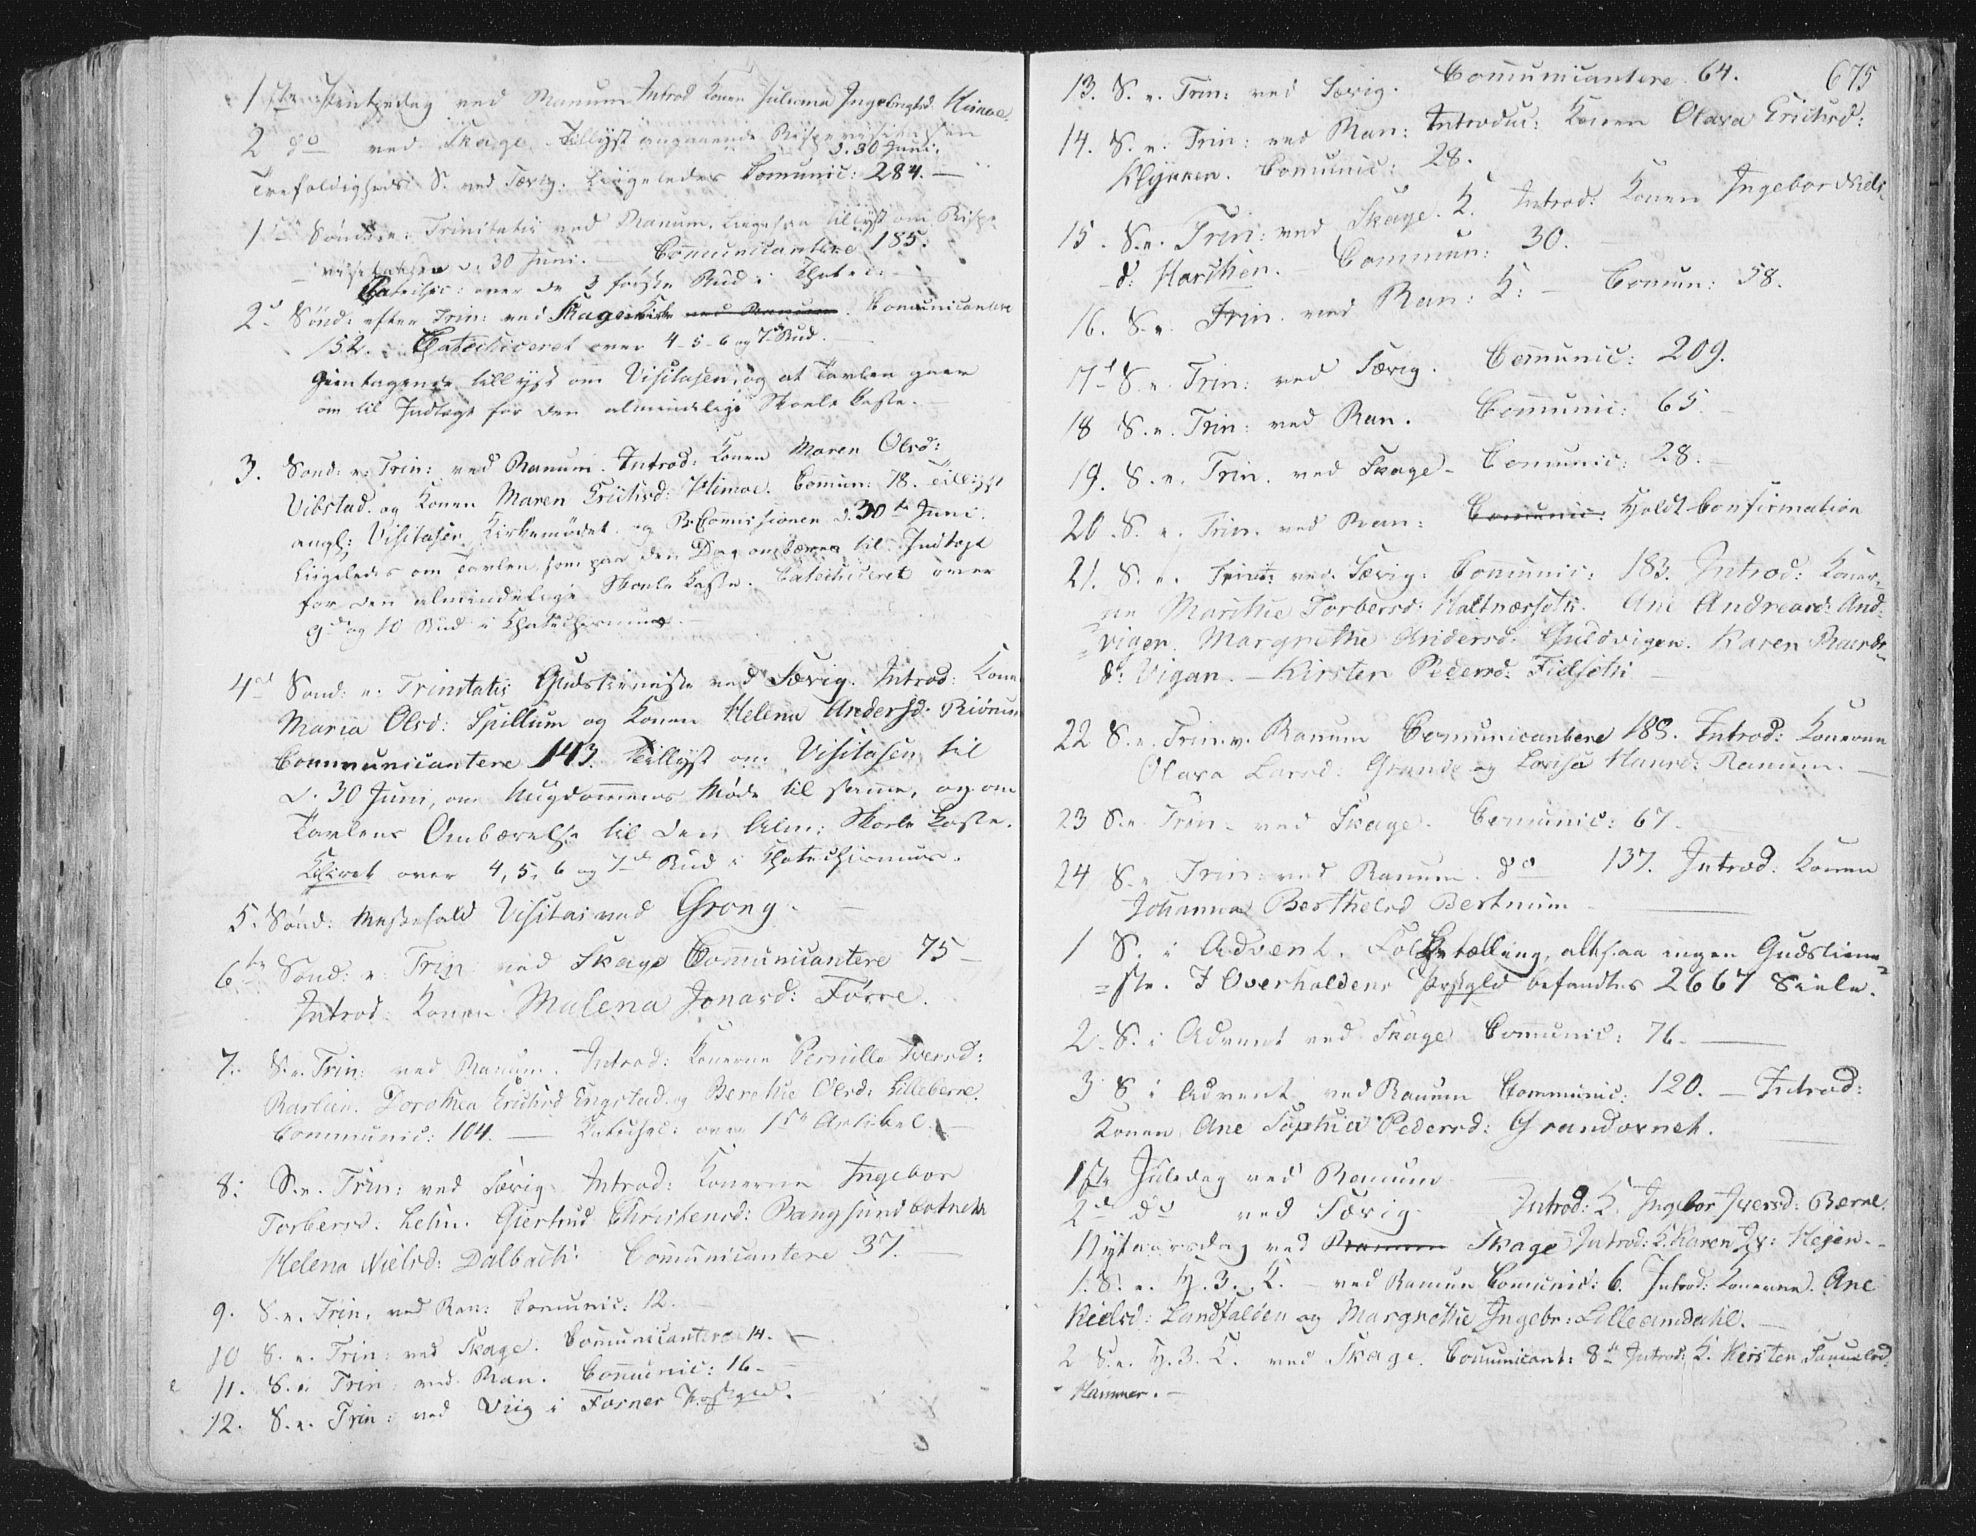 SAT, Ministerialprotokoller, klokkerbøker og fødselsregistre - Nord-Trøndelag, 764/L0552: Ministerialbok nr. 764A07b, 1824-1865, s. 675